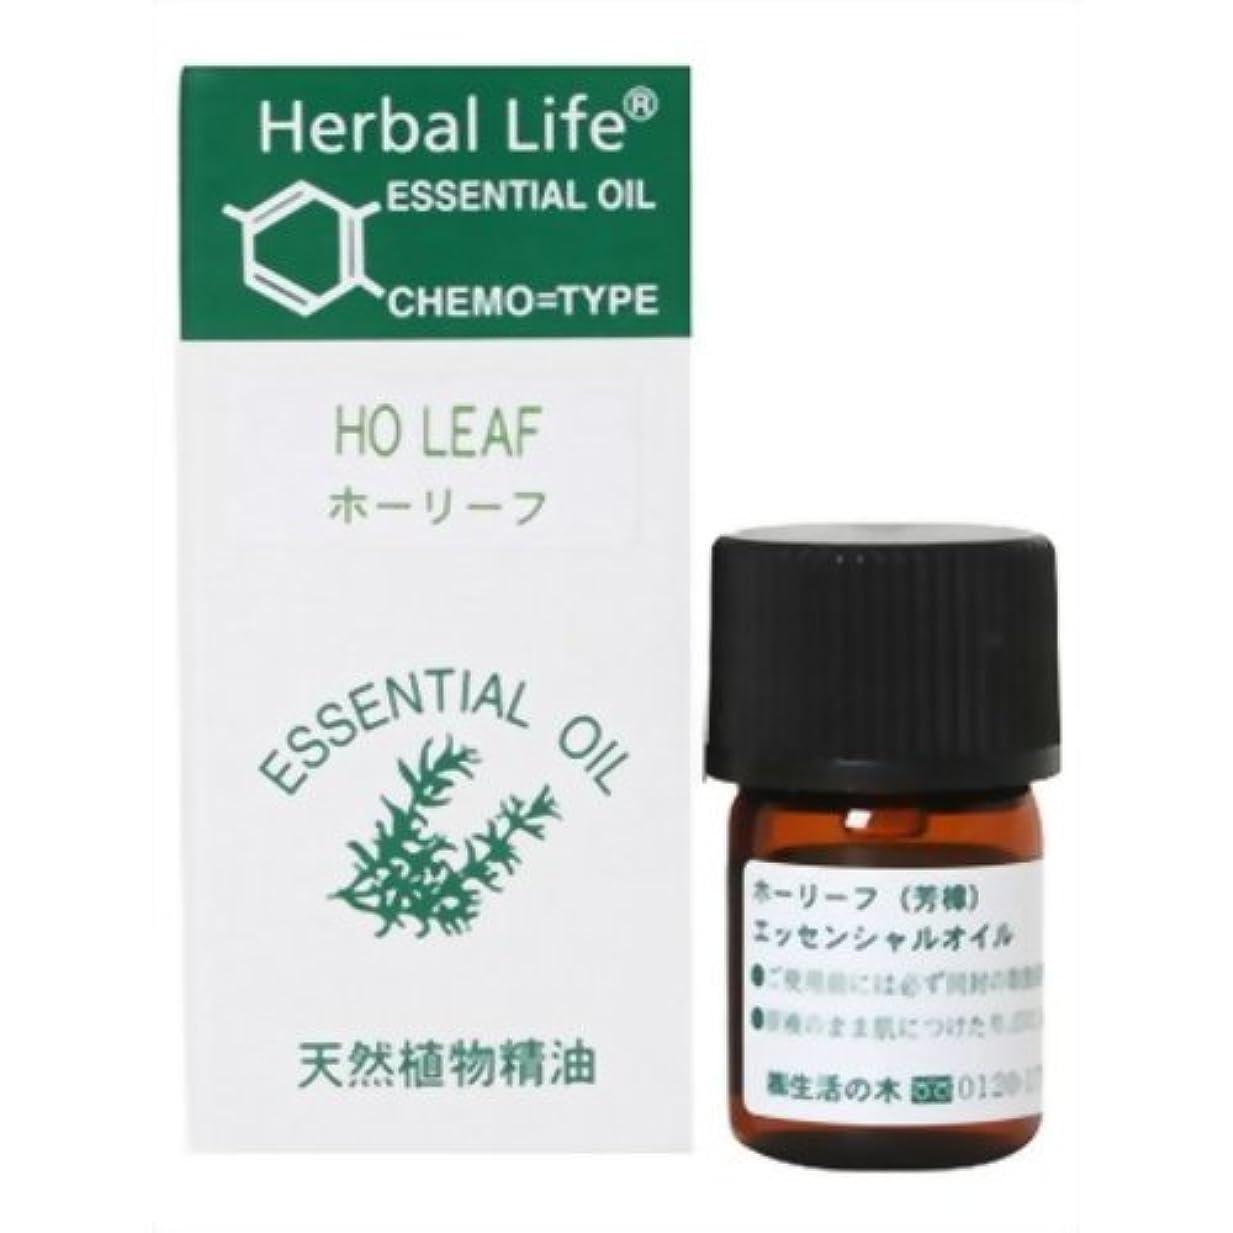 生むイタリアの放射する生活の木 Herbal Life ホーリーフ 3ml